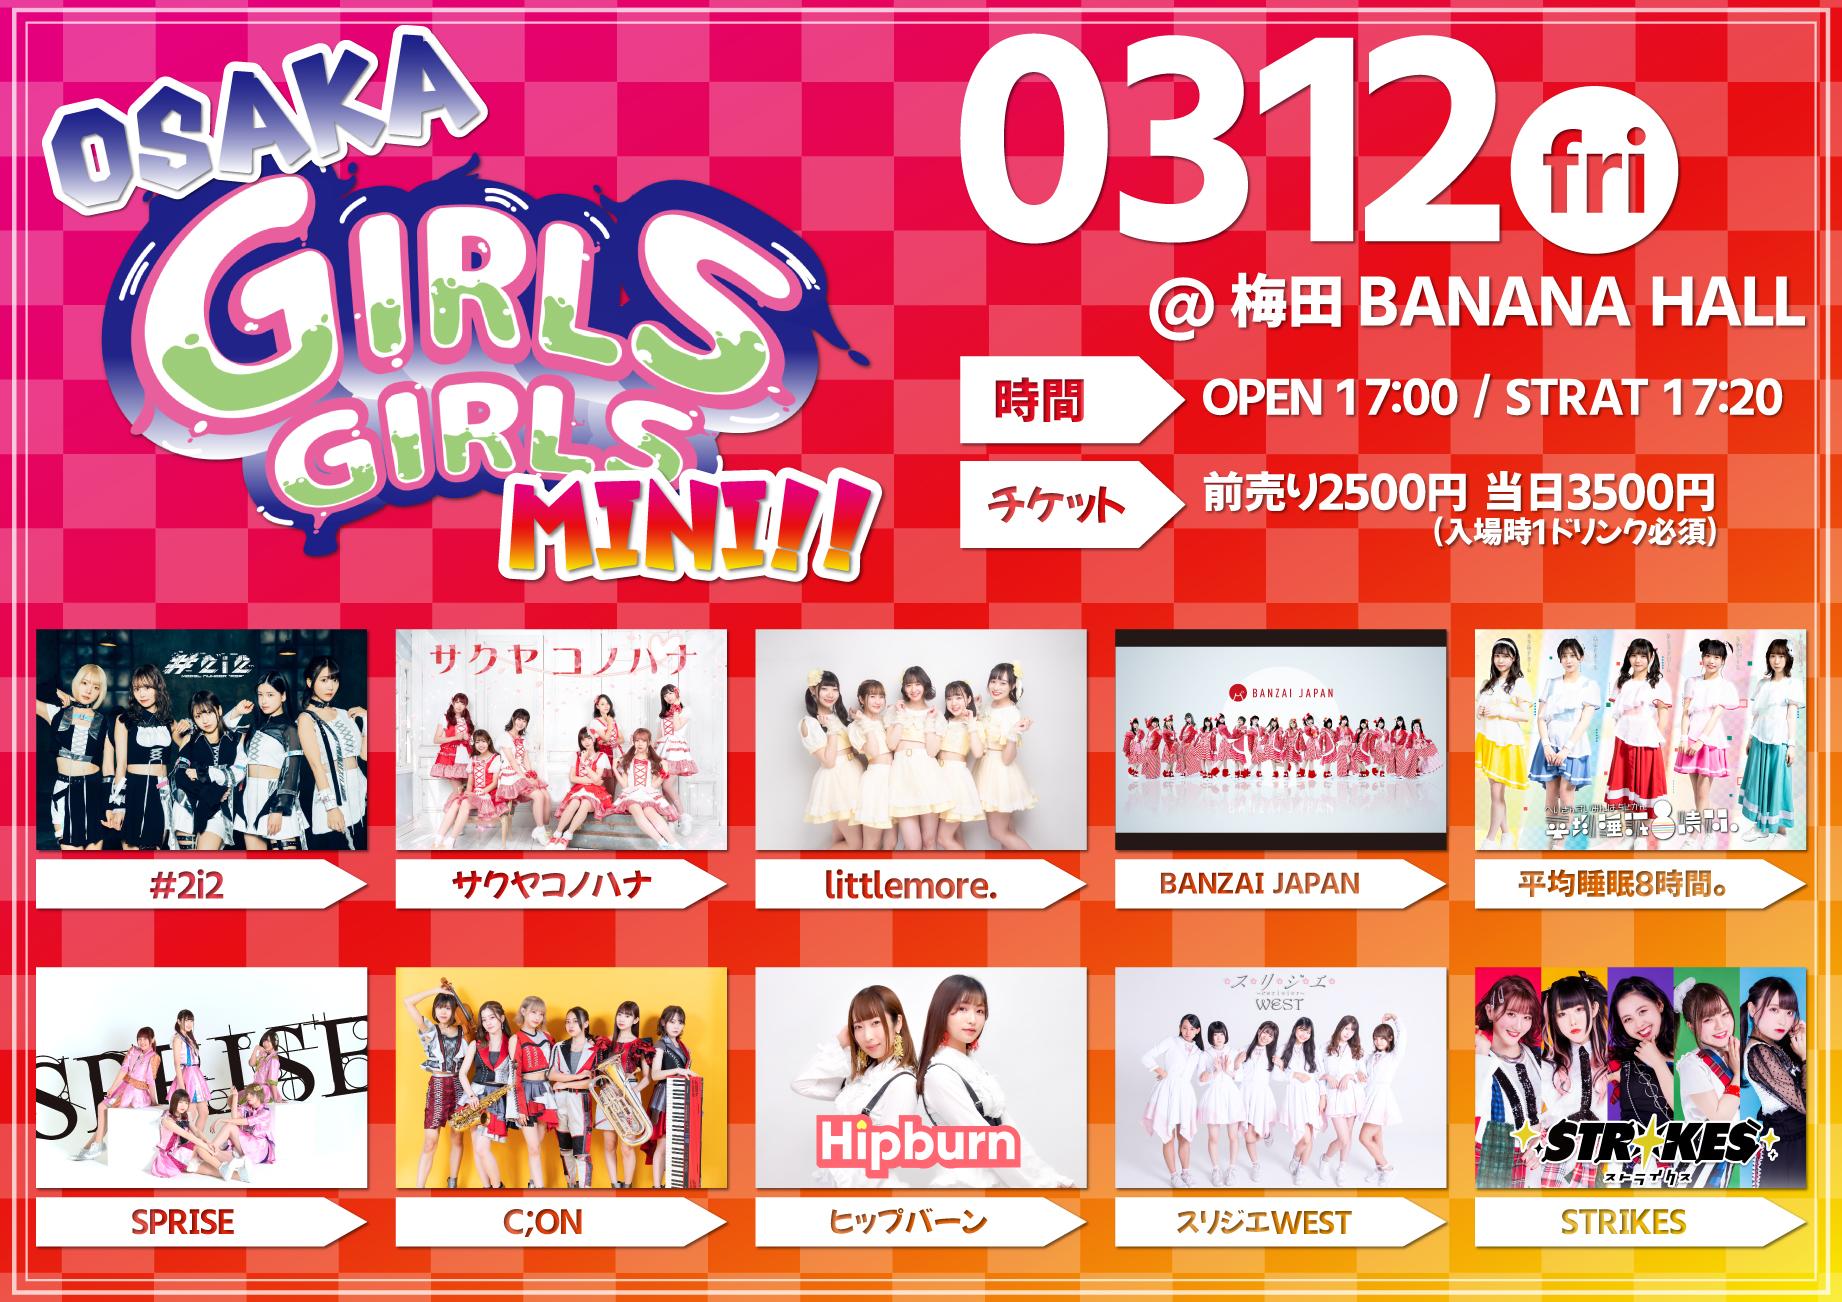 3/12(金) OSAKA GIRLS GIRLS mini!!